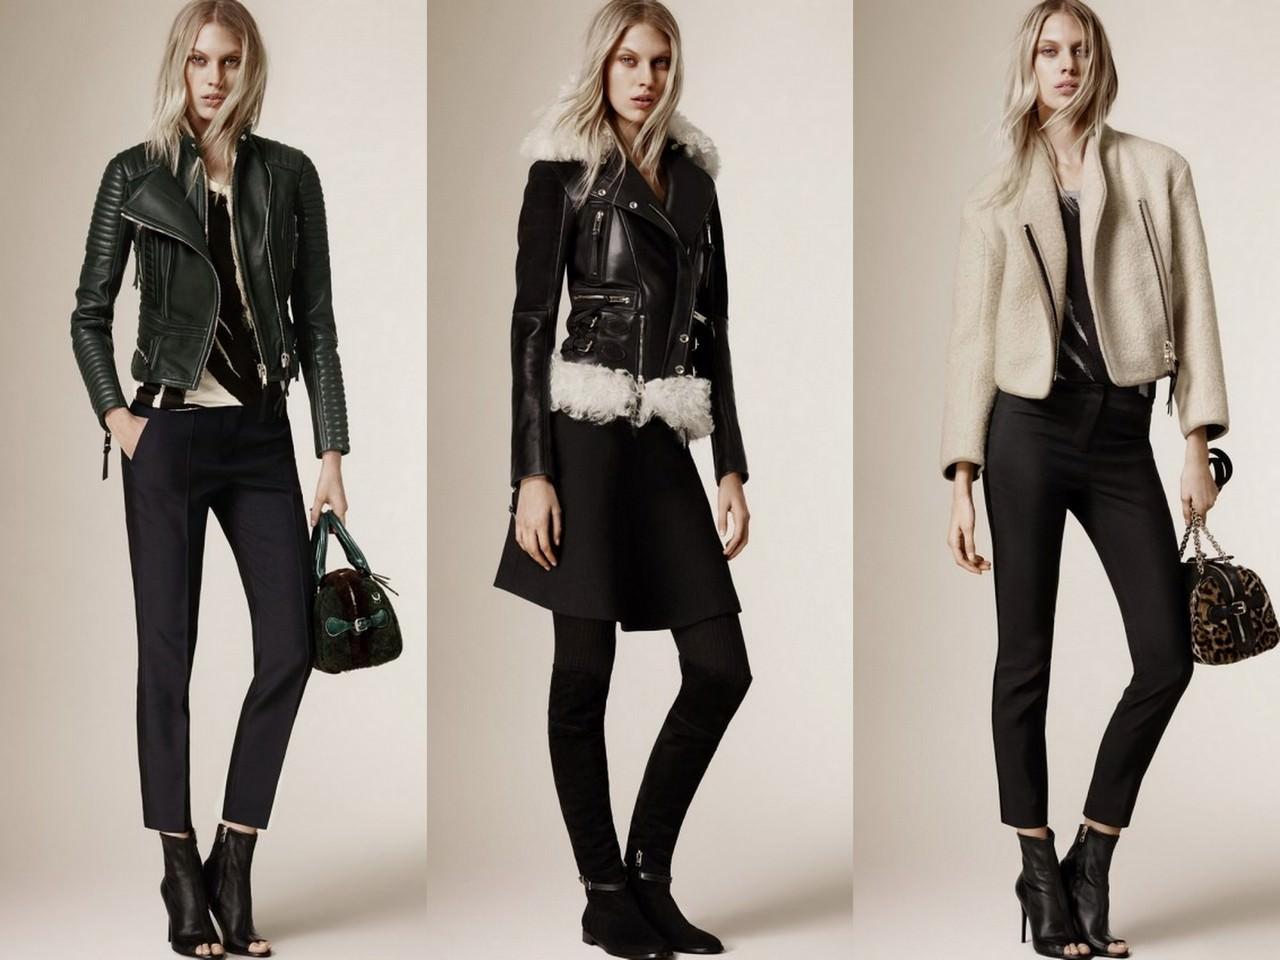 Кожаная курточка – вечная классика верхней одежды